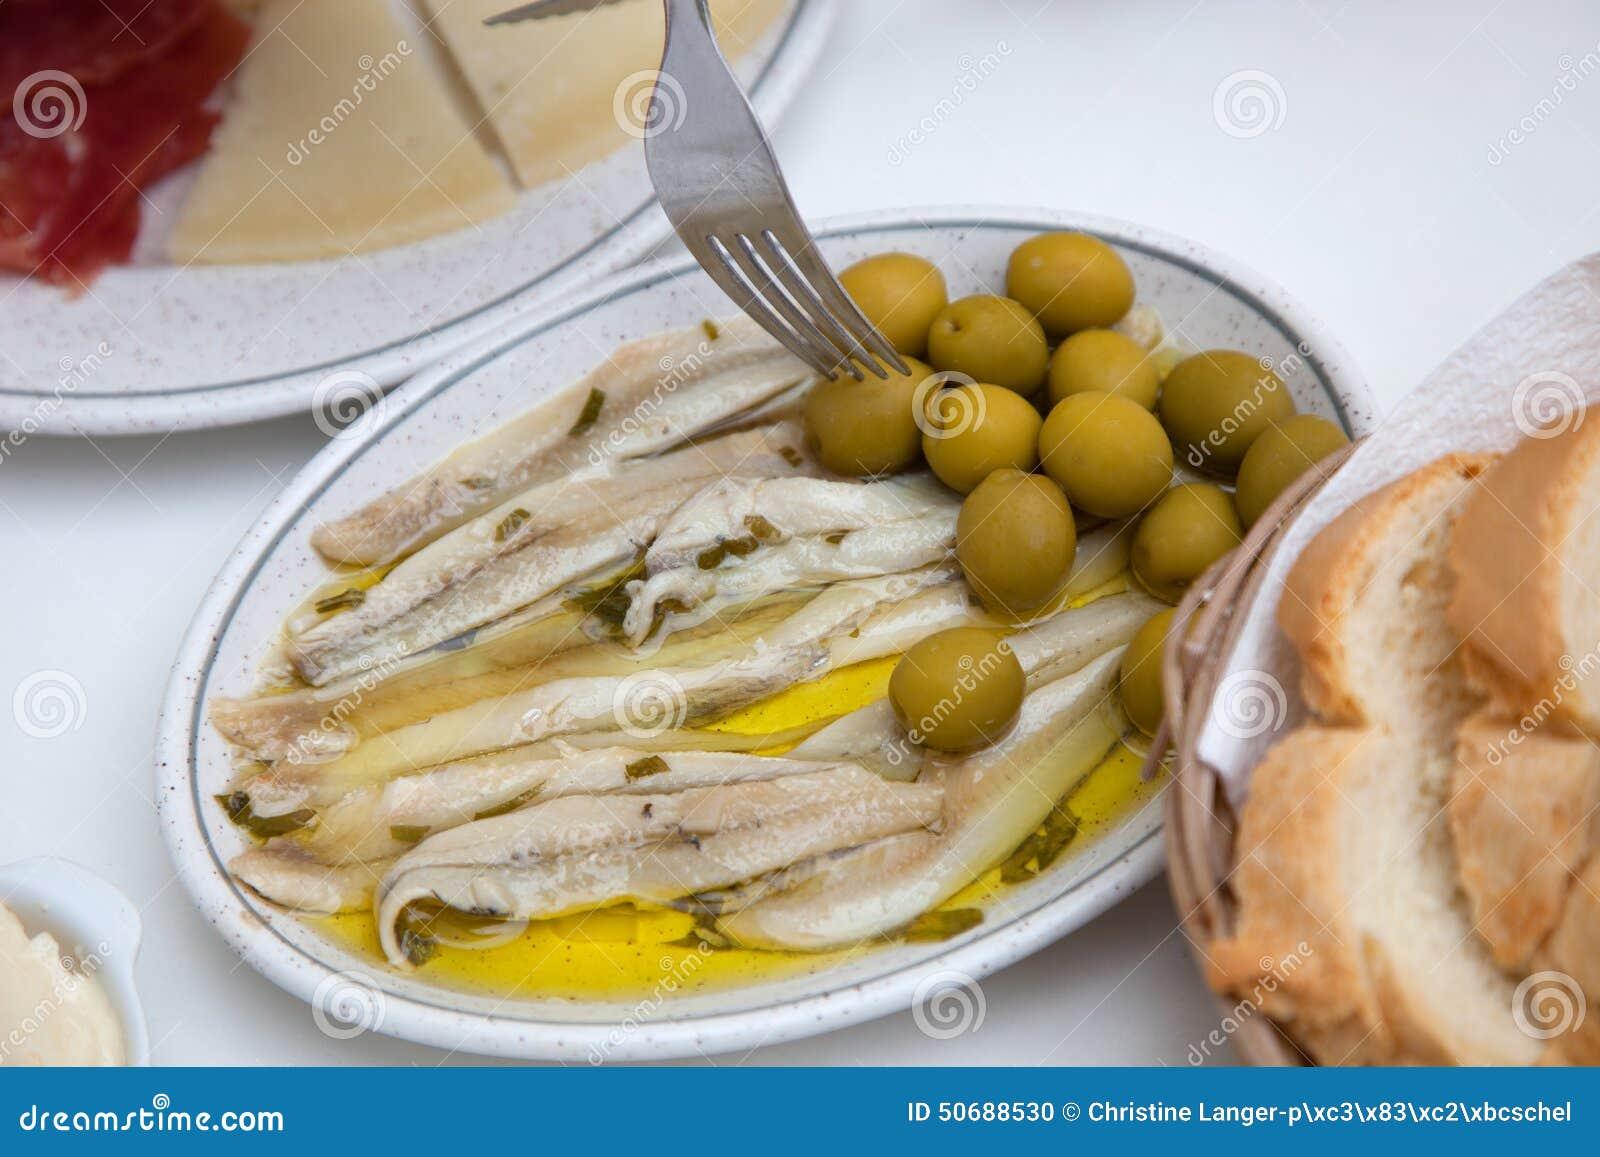 Download 在白色板材的鲜鱼肉用橄榄 库存照片. 图片 包括有 牛排, 海鲜, 巴伊亚, 图象, 沙拉, 食物, 内圆角 - 50688530